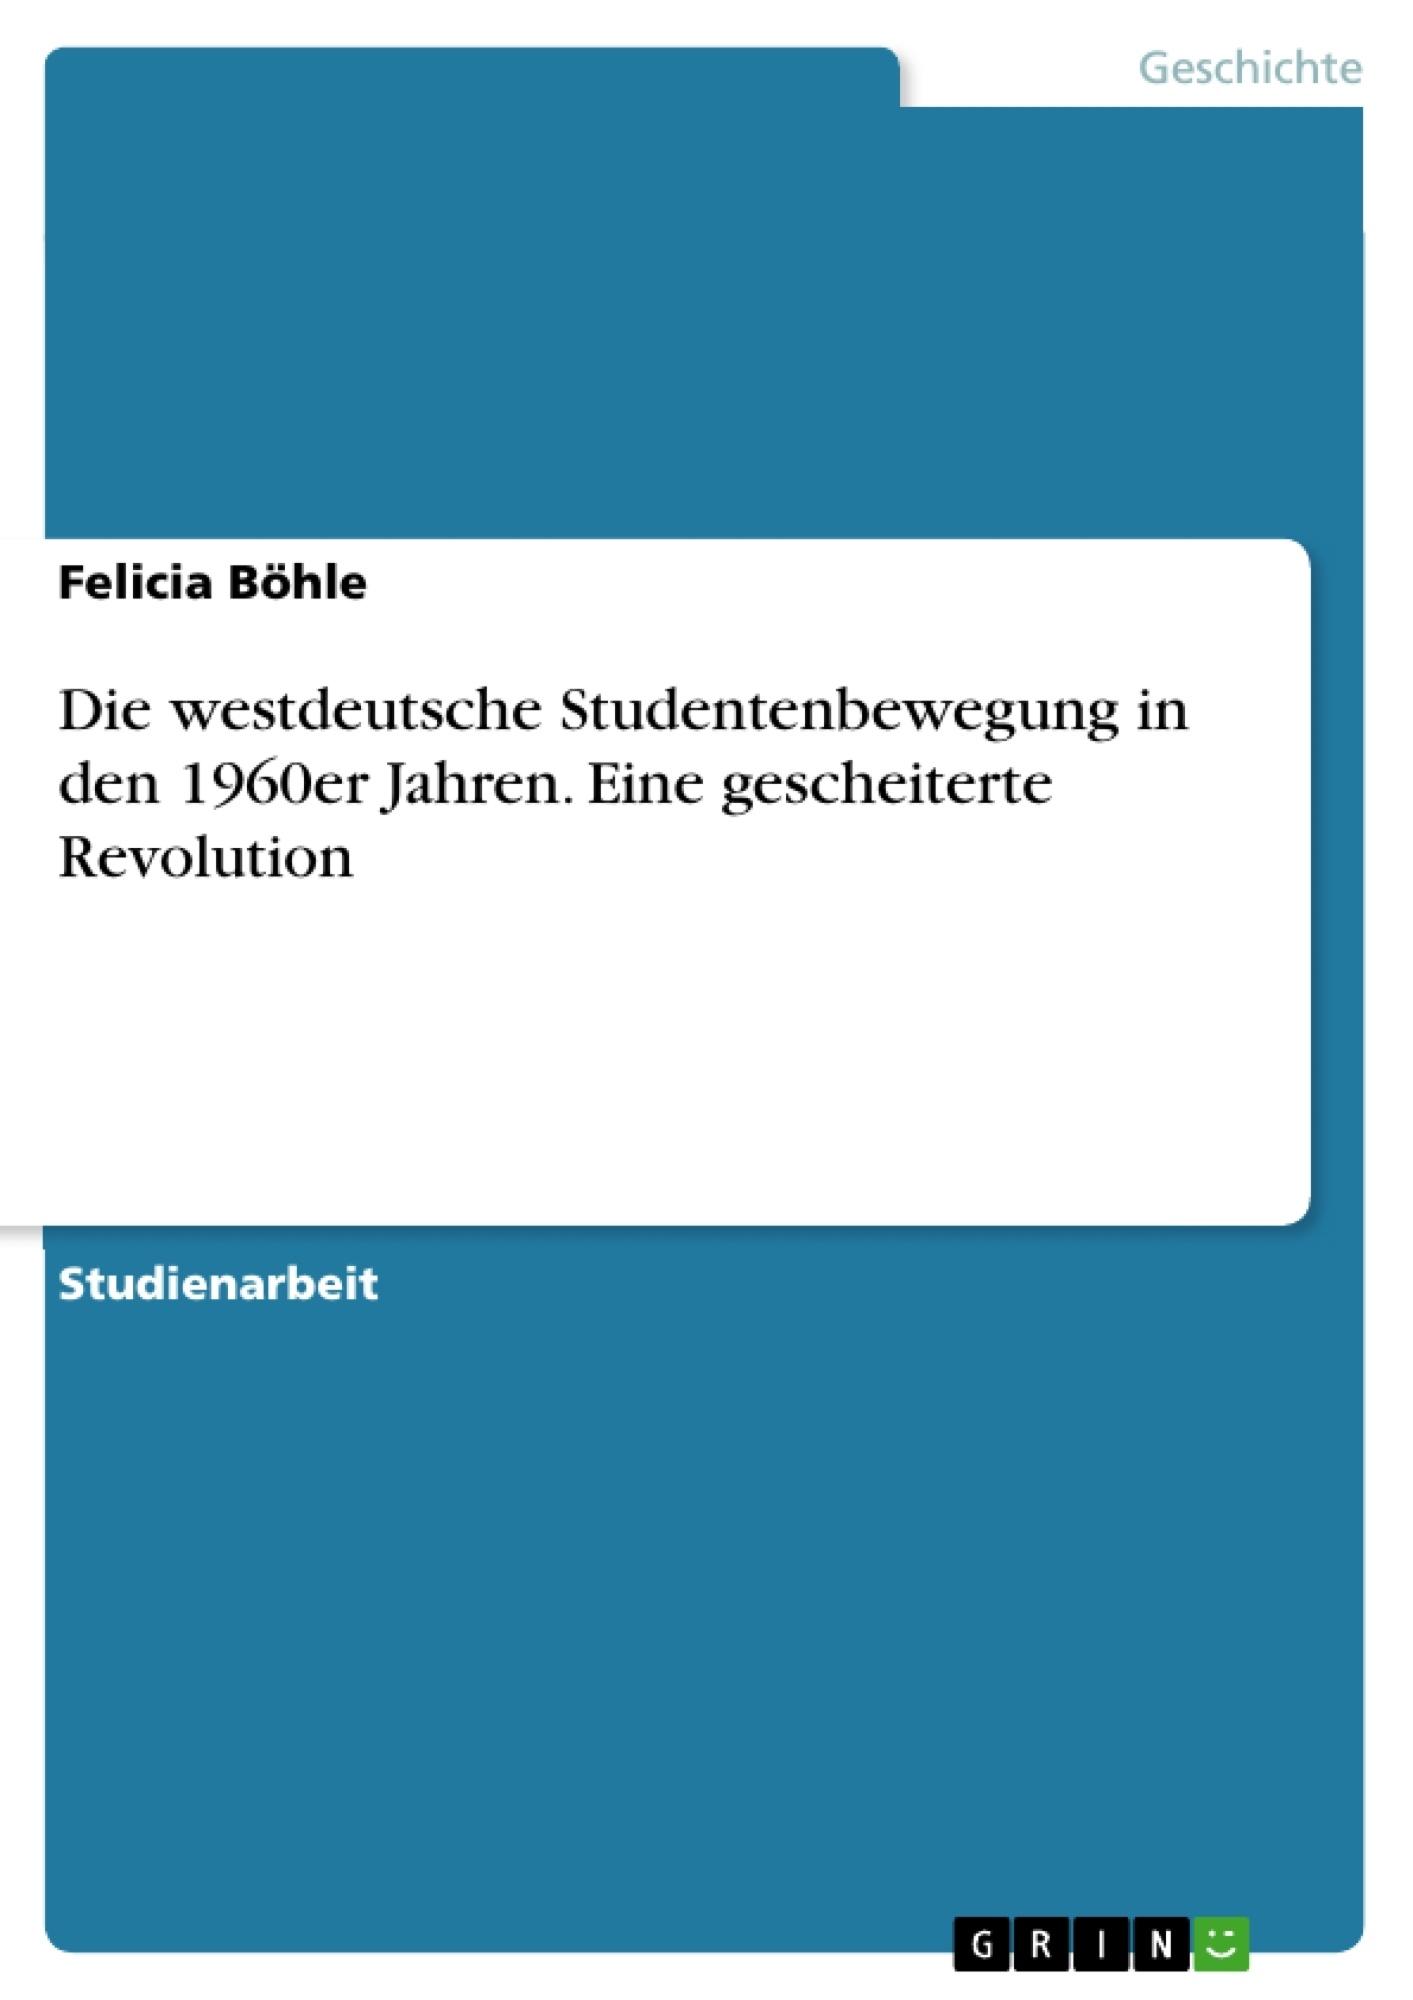 Titel: Die westdeutsche Studentenbewegung in den 1960er Jahren. Eine gescheiterte Revolution